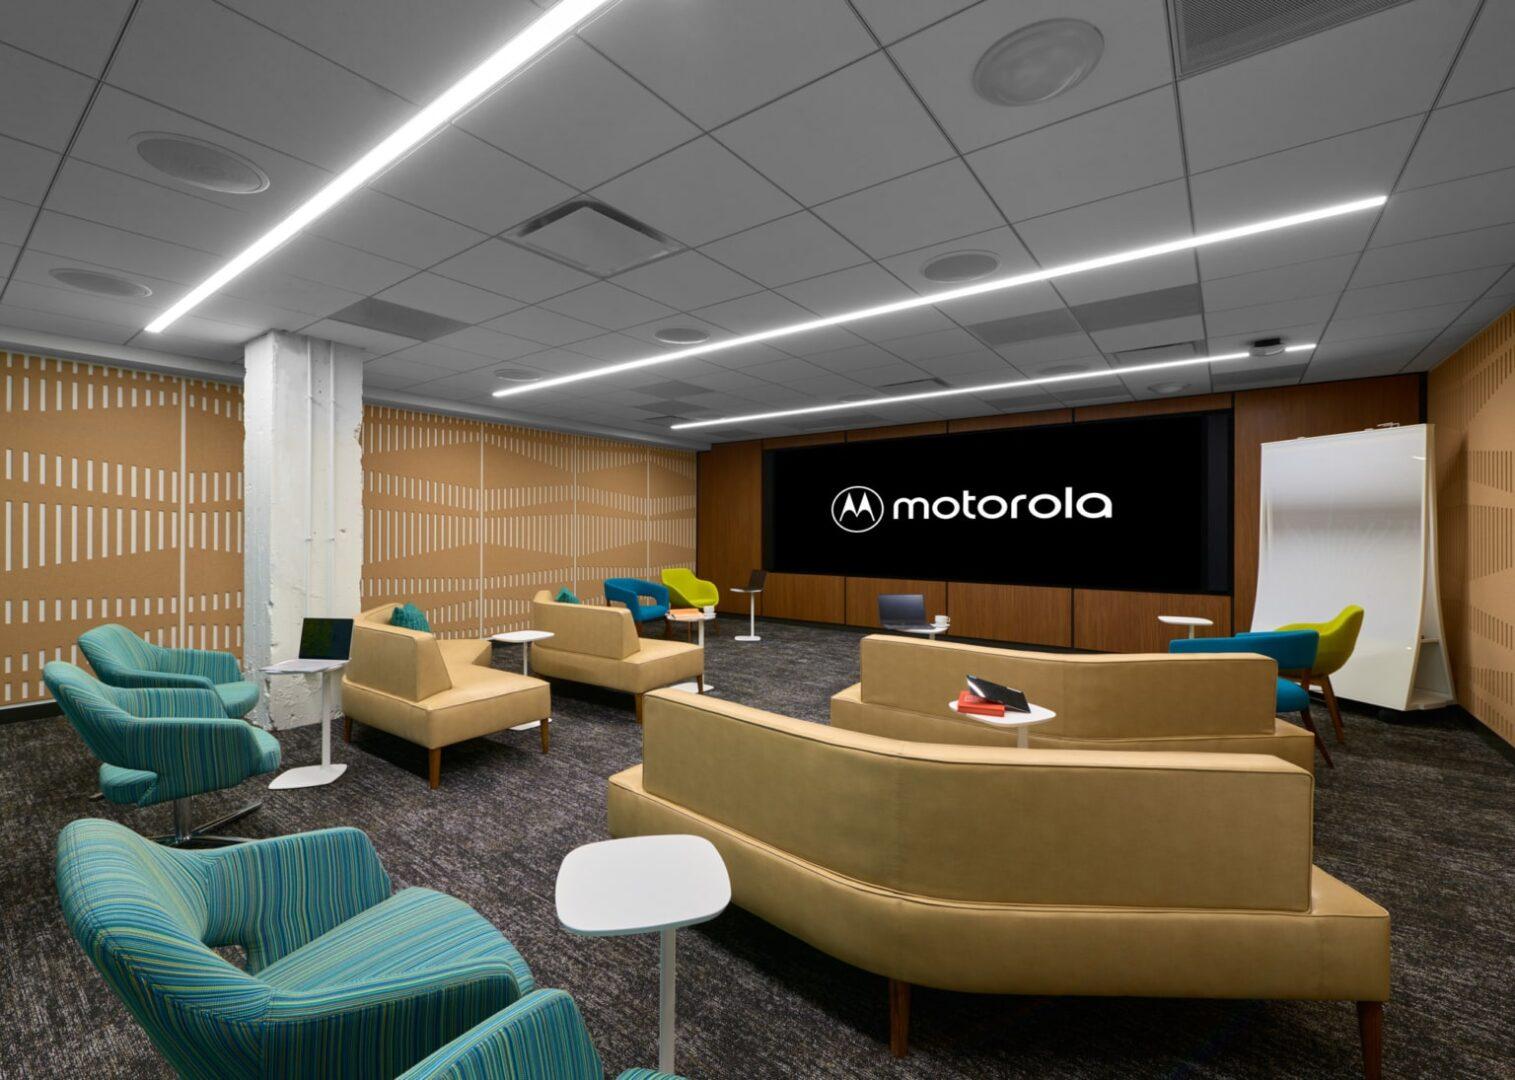 Furniture inside a presentation room